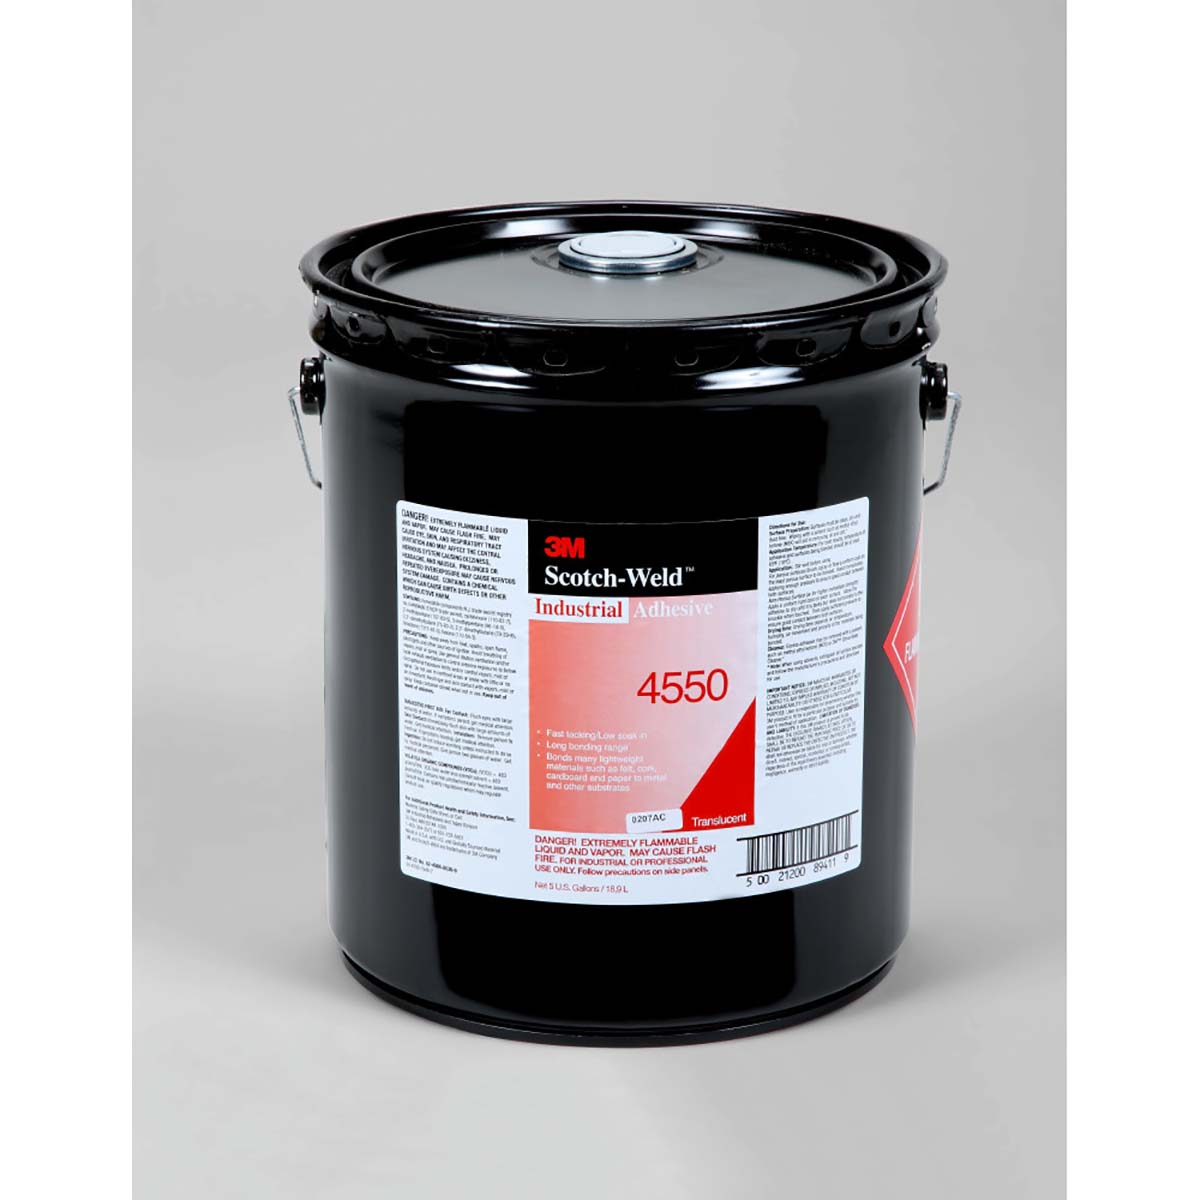 3M Industrial Adhesive 4550 Translucent, 5 gal pail, 1 per case